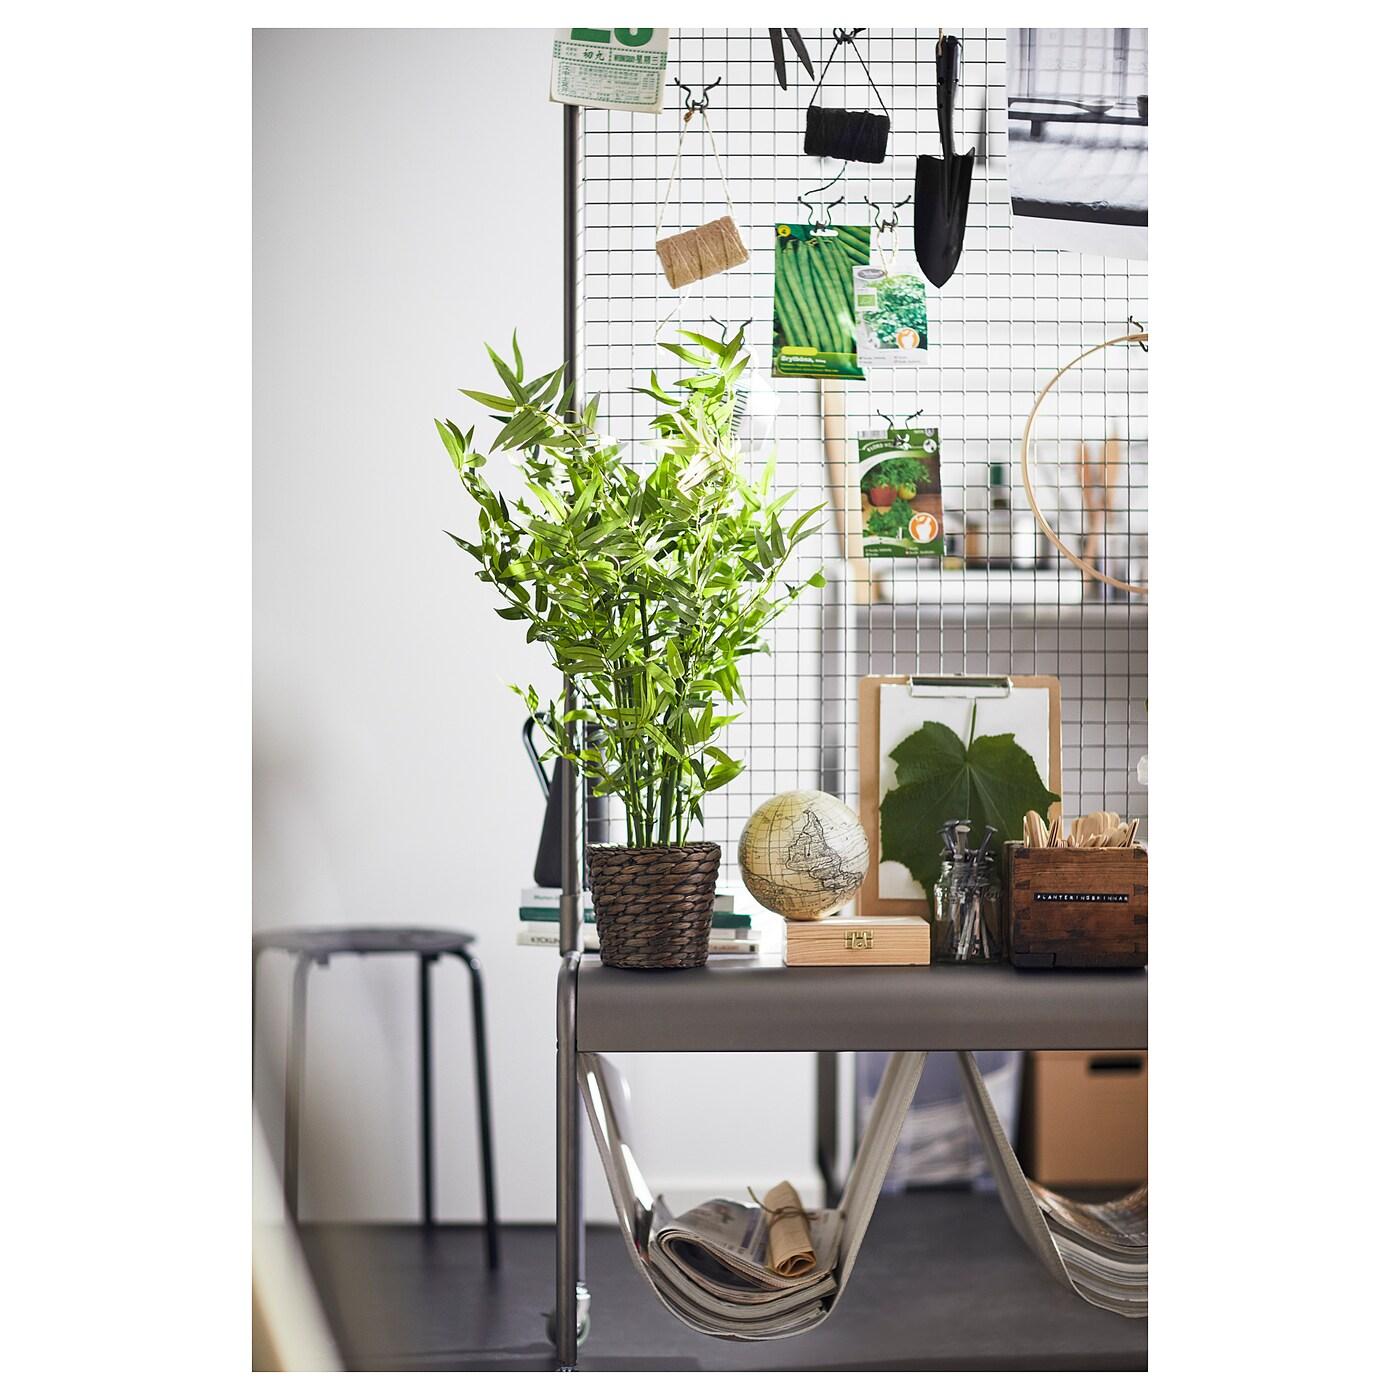 Full Size of Veberd Raumteiler Naturfarben Ikea Deutschland Sofa Mit Schlaffunktion Garten Paravent Betten Bei Modulküche Küche Kaufen Kosten 160x200 Miniküche Wohnzimmer Paravent Balkon Ikea